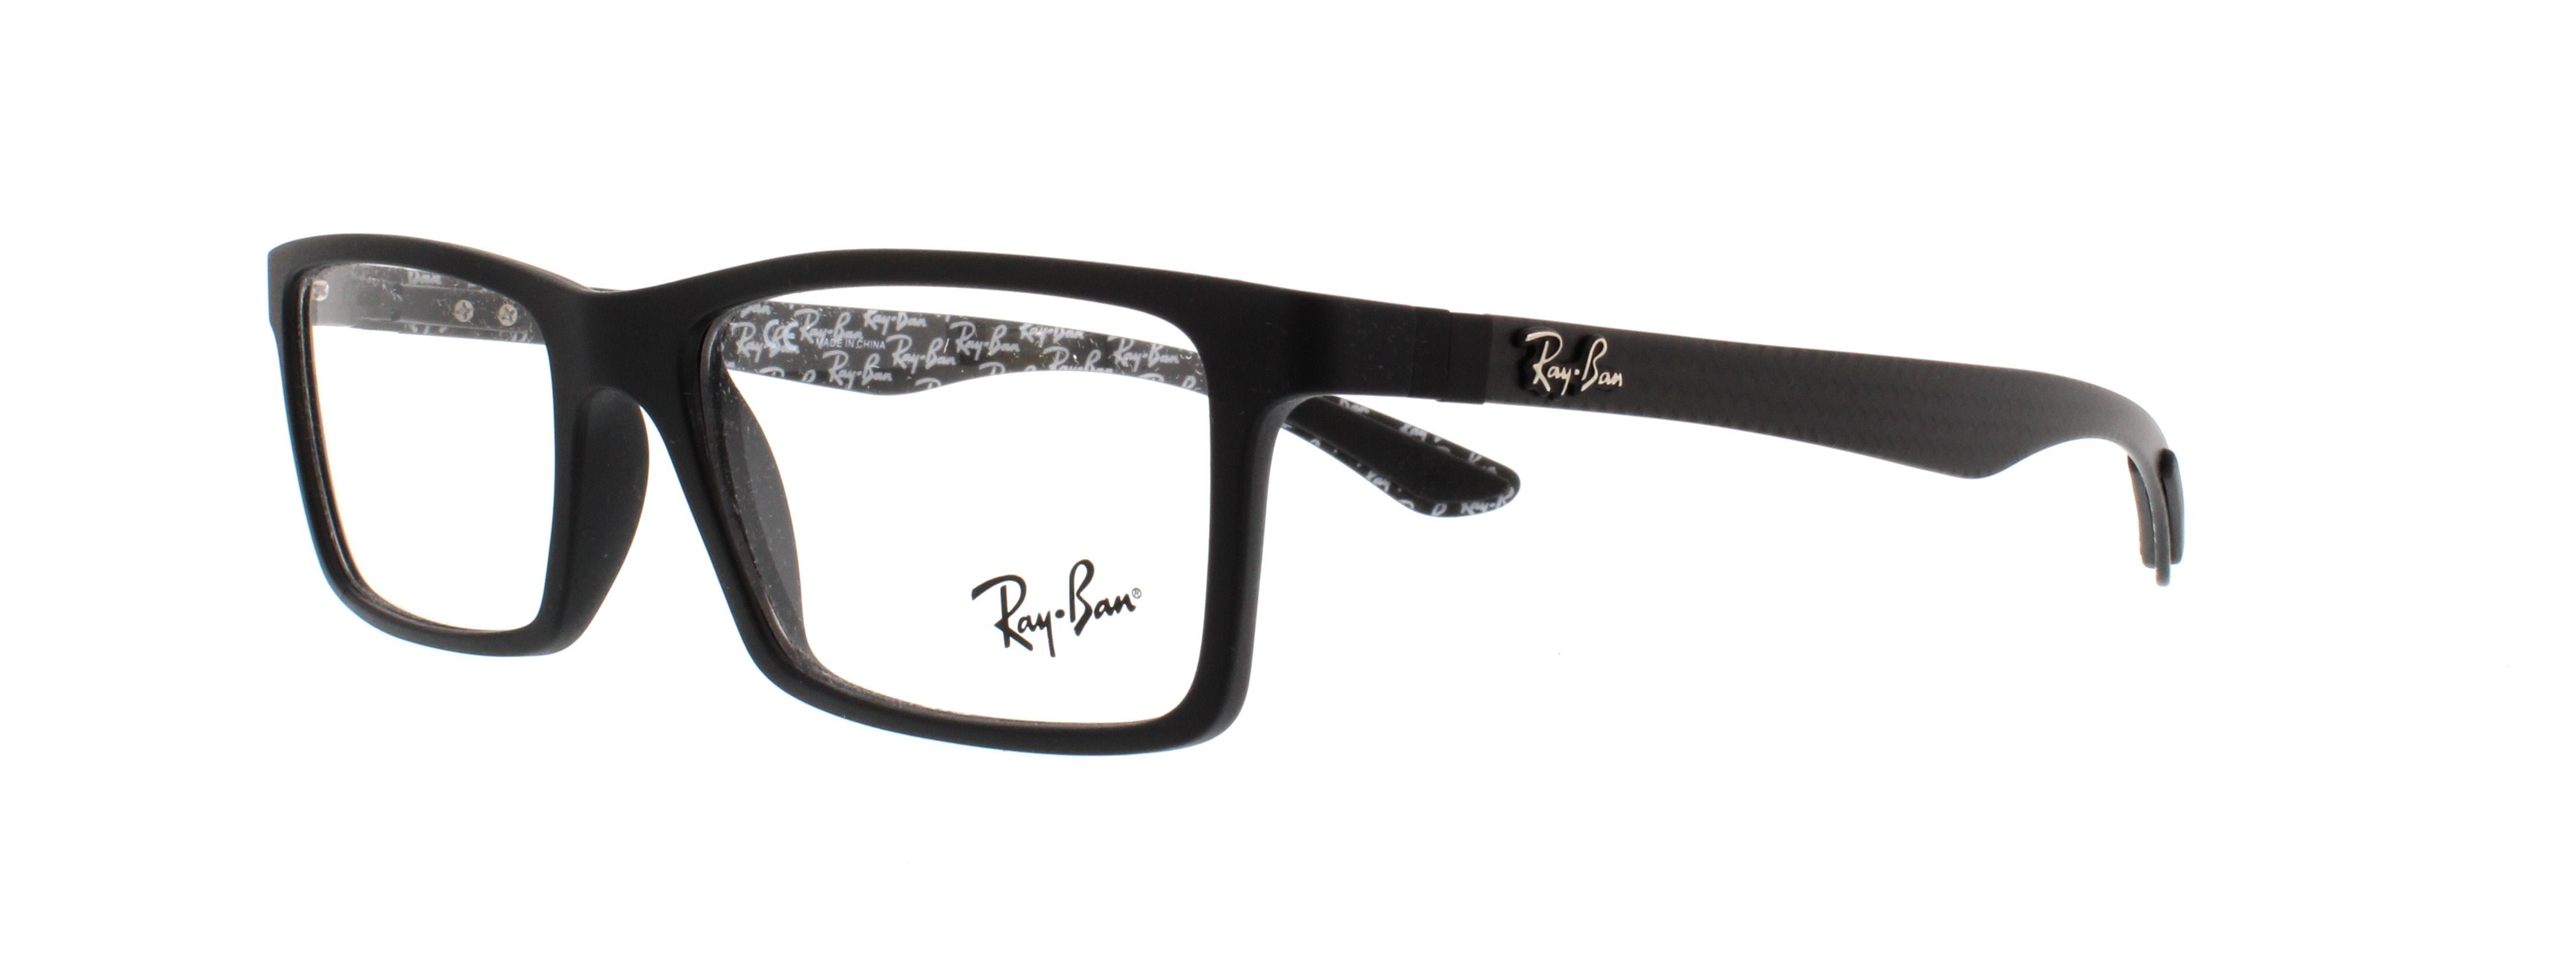 6ee7d791ad Designer Frames Outlet. Ray Ban RX8901